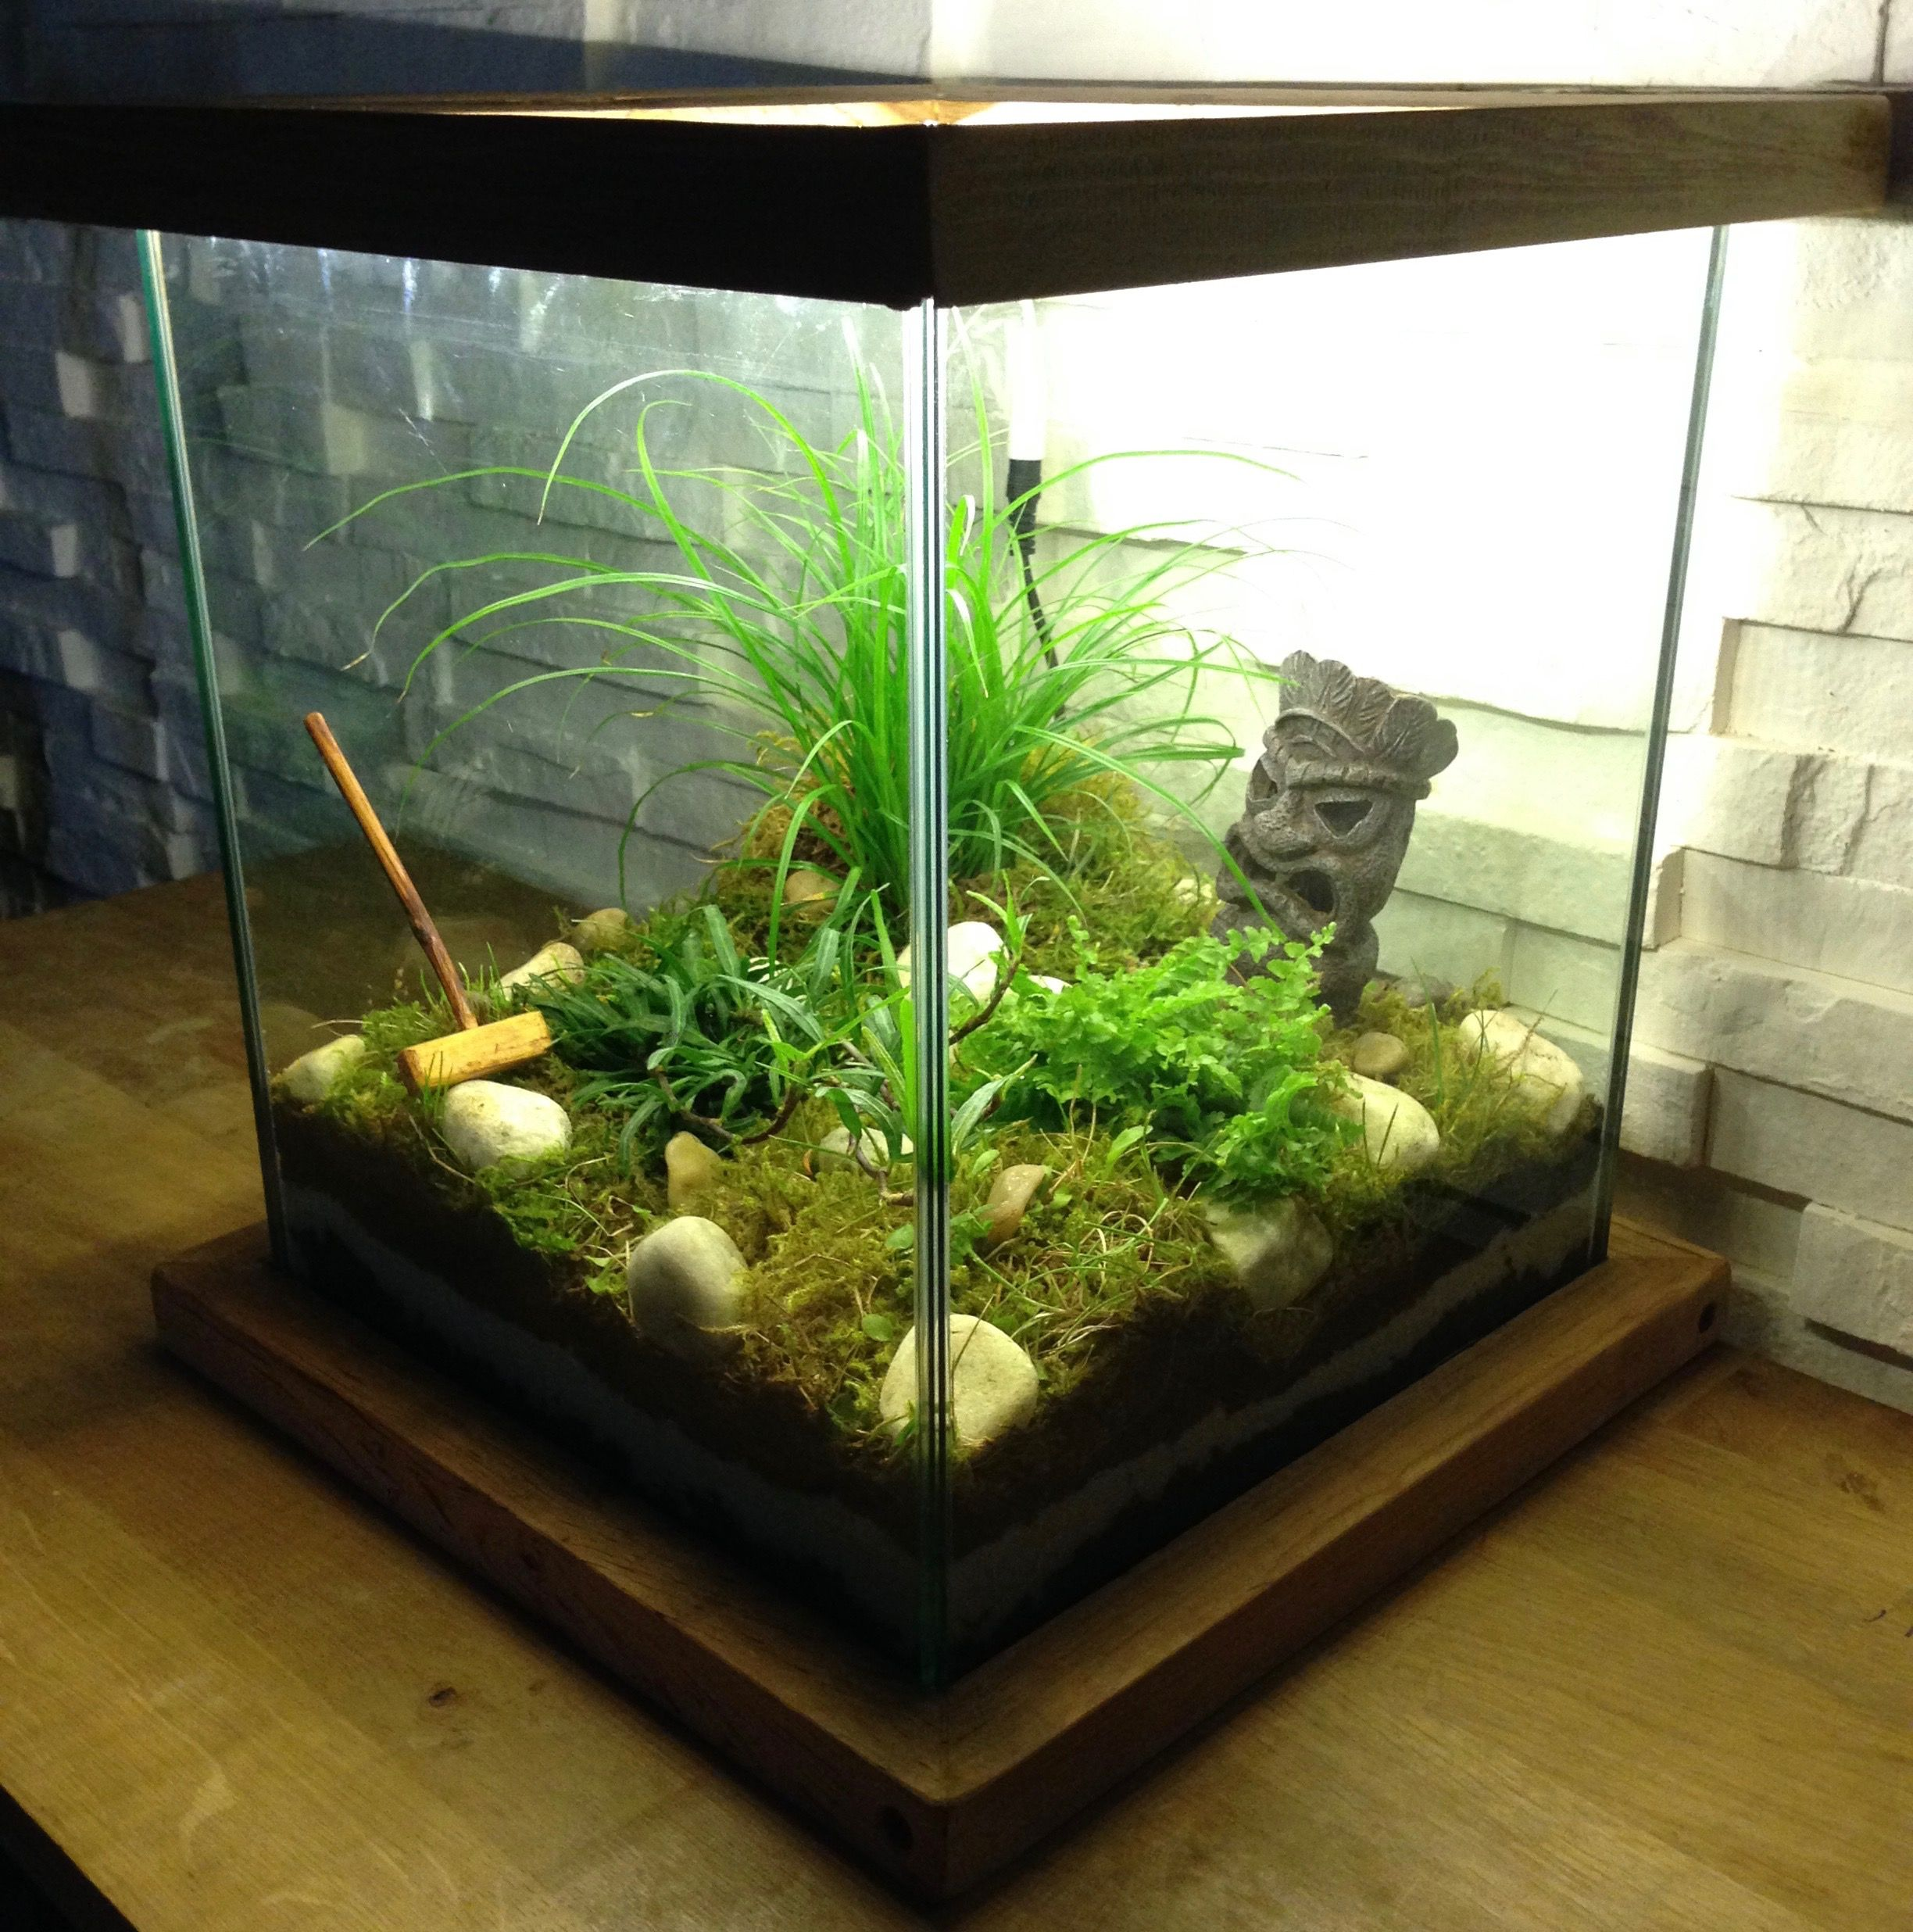 992a9b406a843ac58de5c9b1a0ec12ea Frais De Aquarium Avec Meuble Schème